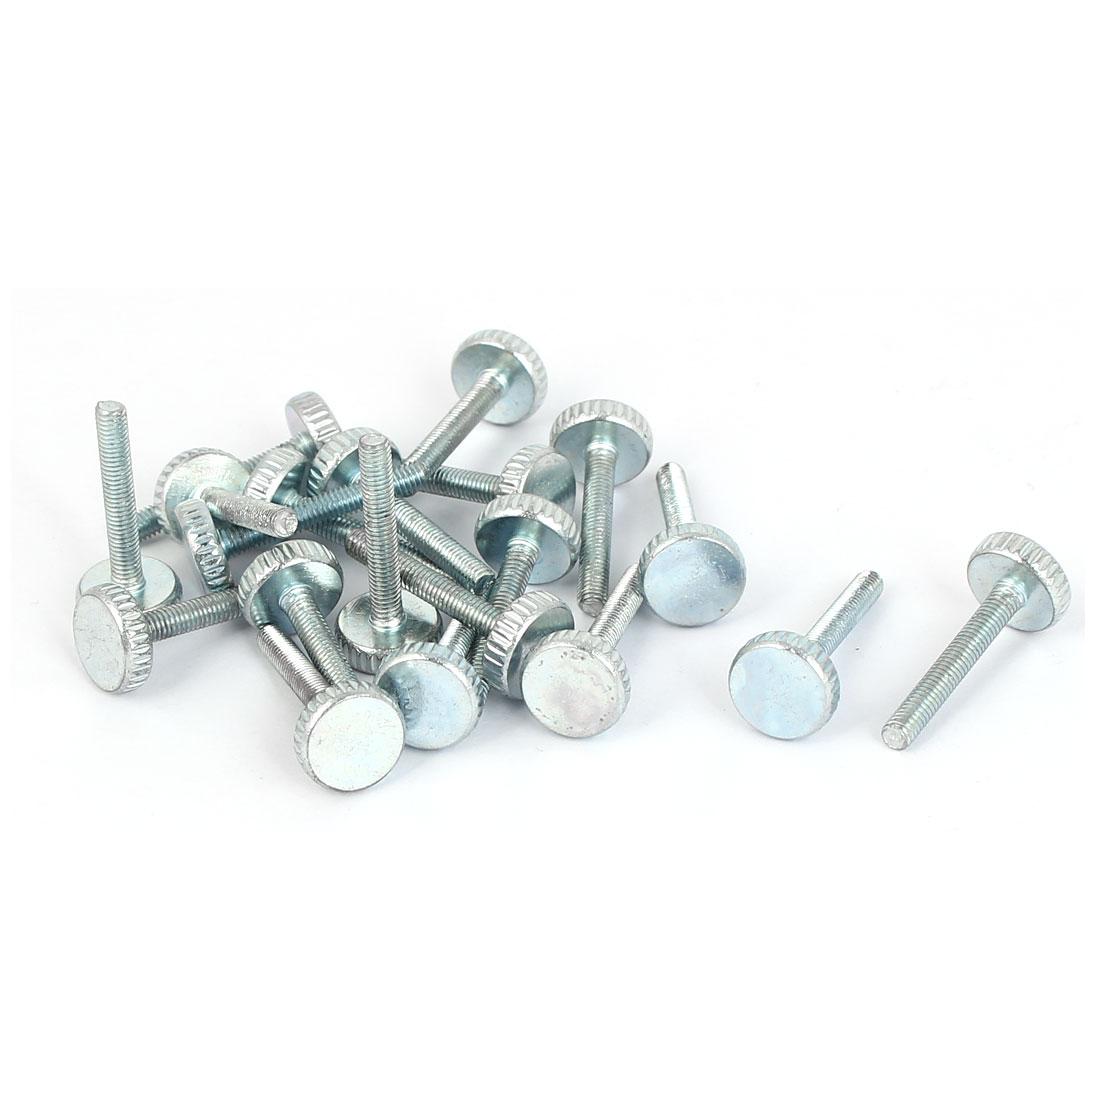 M3x20mm Thread Carbon Steel Knurled Round Head Thumb Screws Silver Blue 20pcs